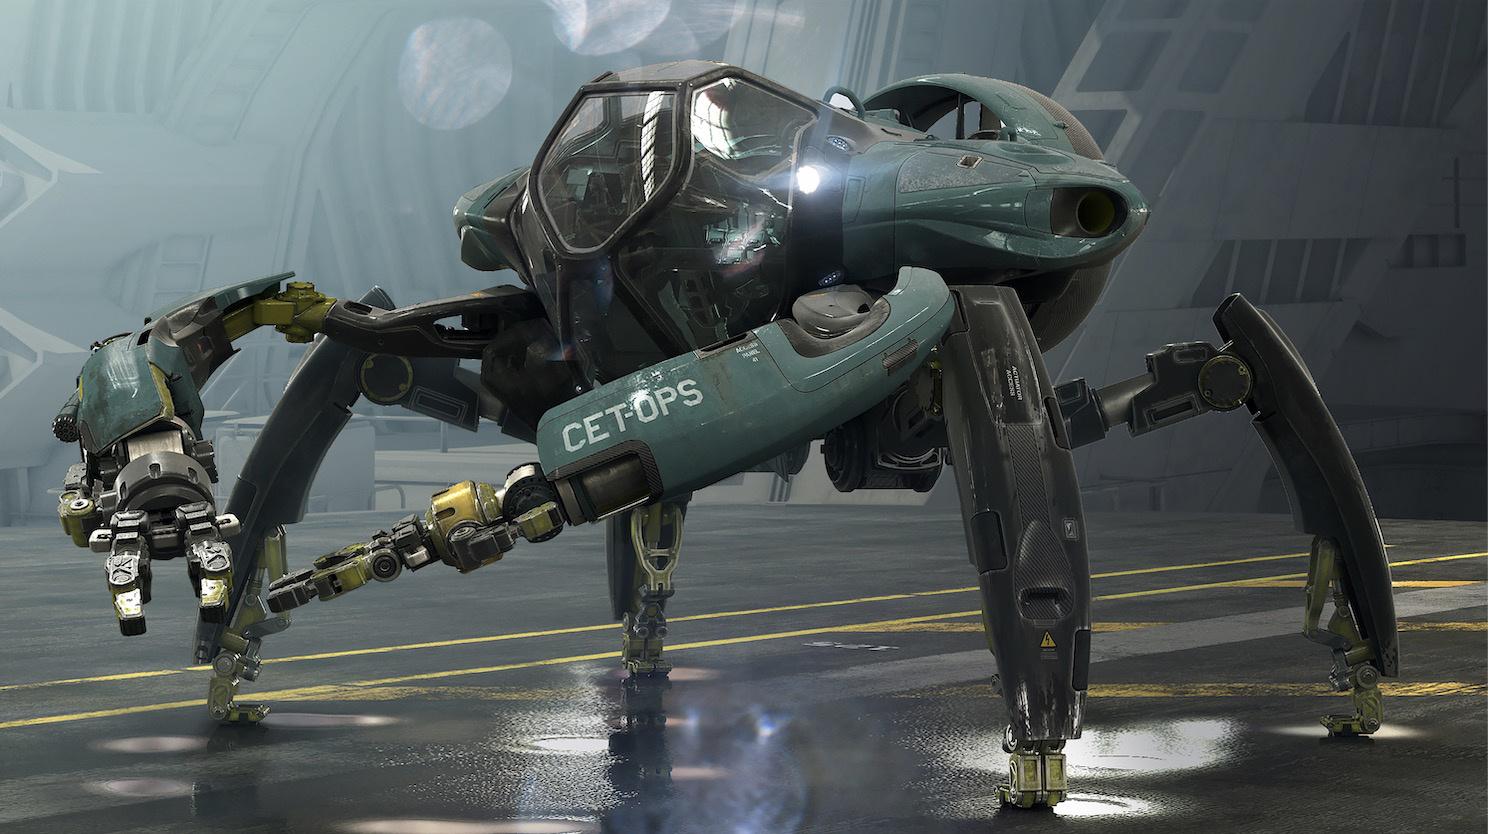 《阿凡达》续集曝概念图 巨型水下机器震撼来袭